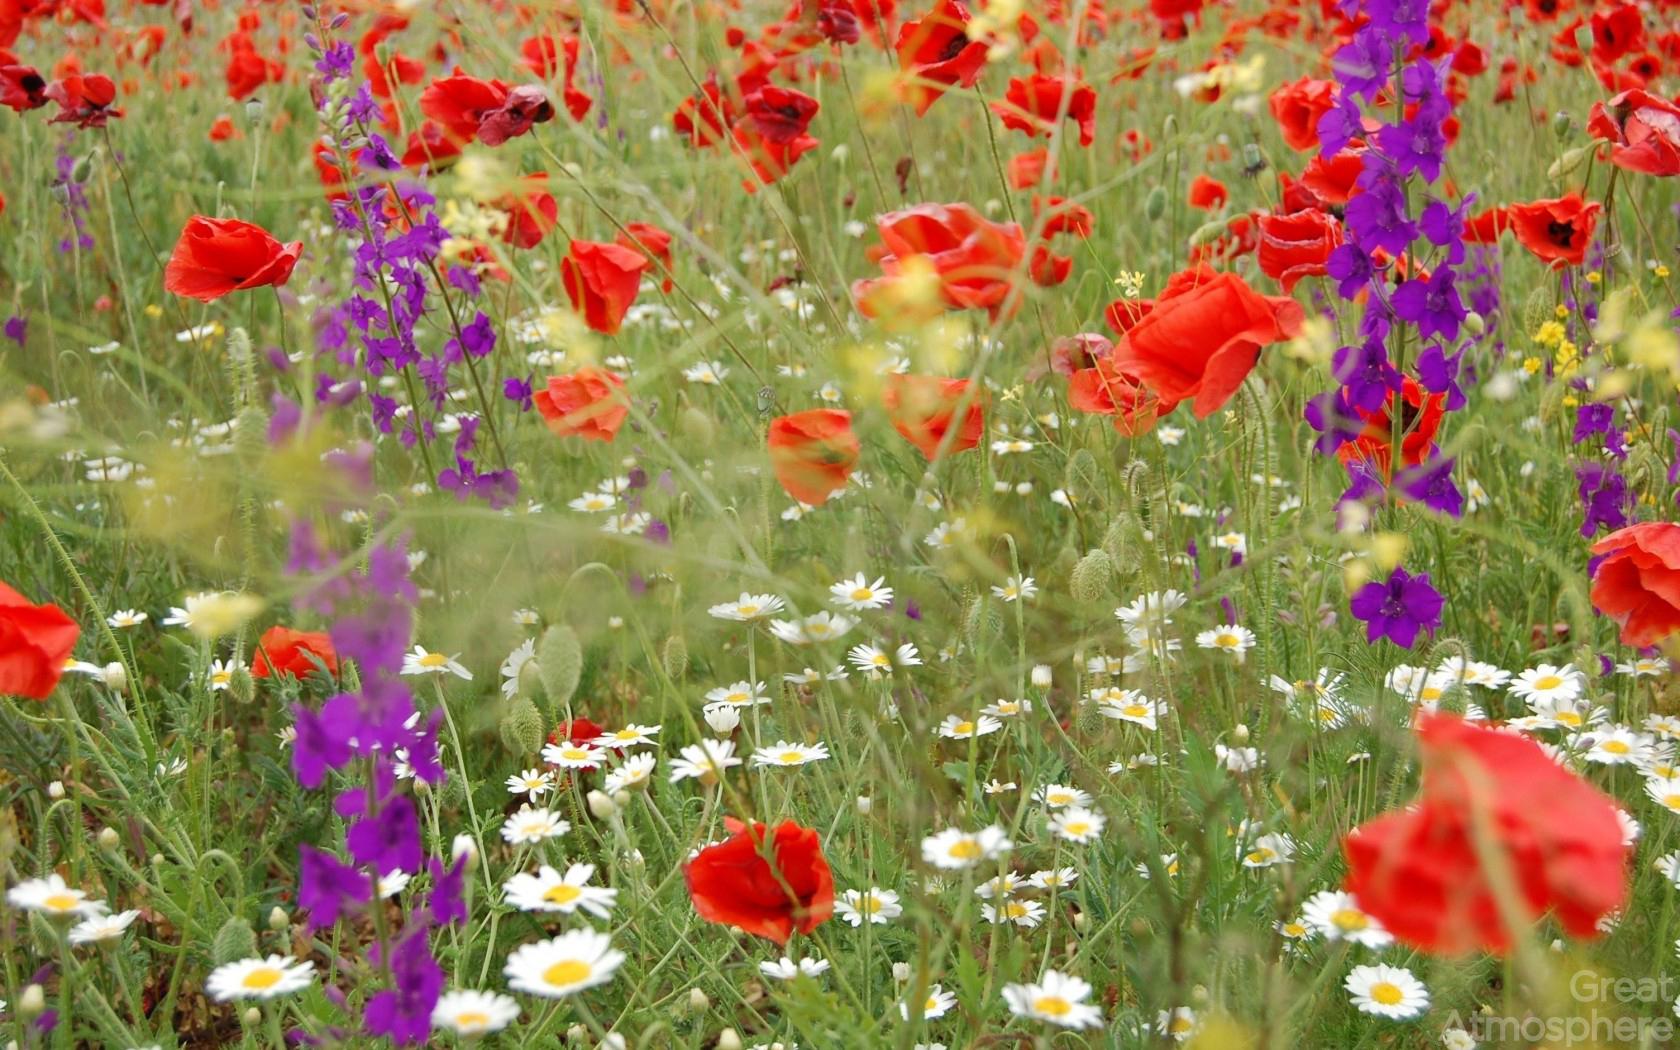 Fields-of-flowers-wallpaper-wp5604773